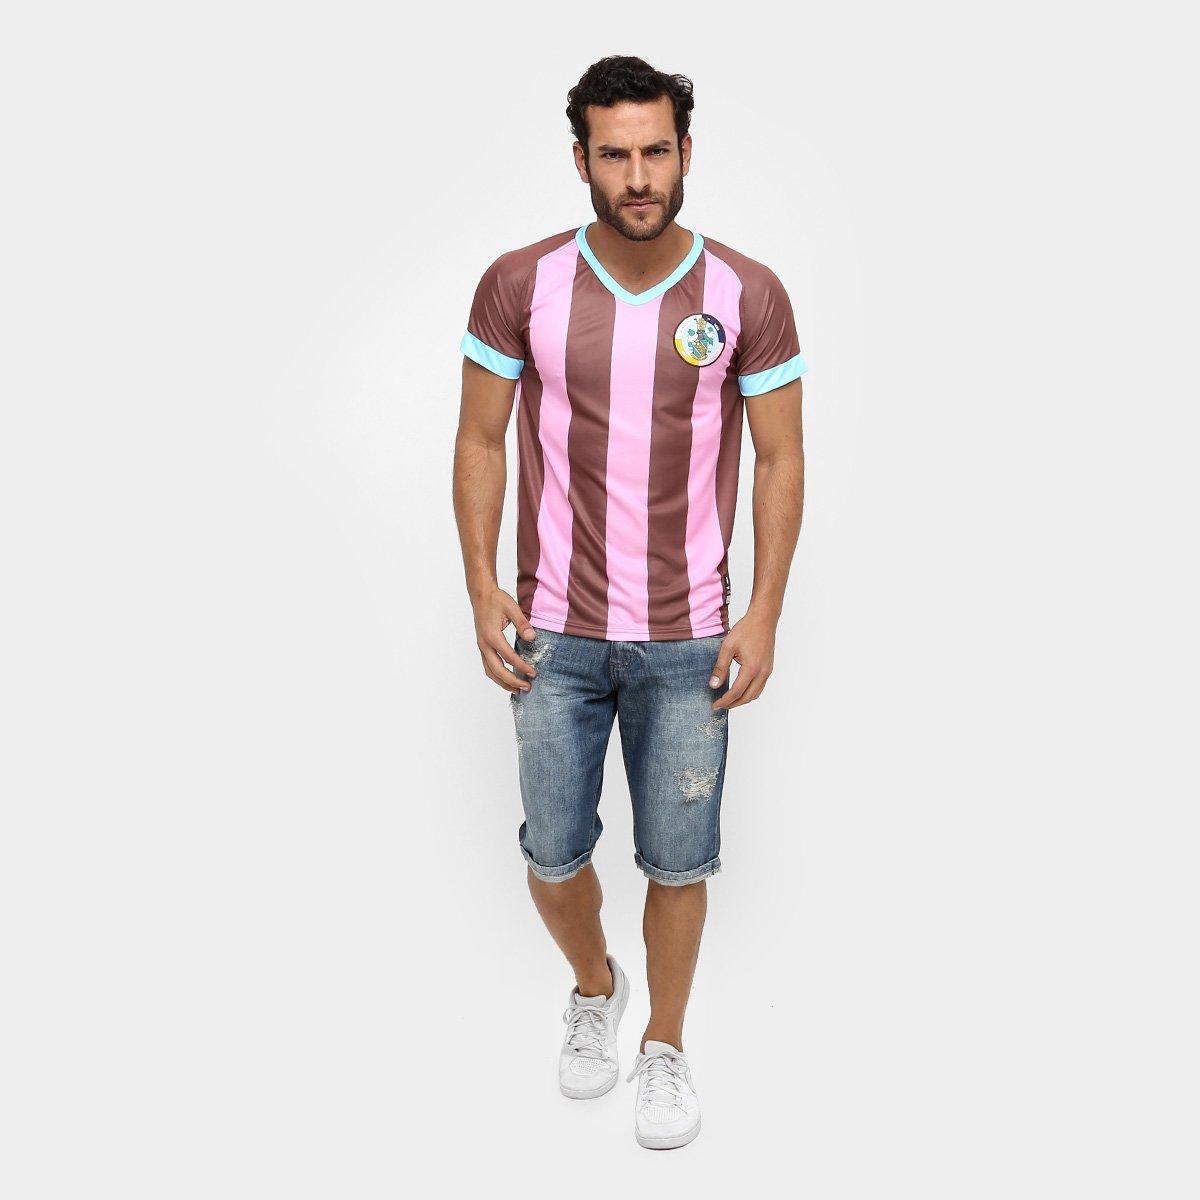 Camisa Corinthians Casuals Réplica Masculina - Rosa e Marrom ... 22a5c085eda62